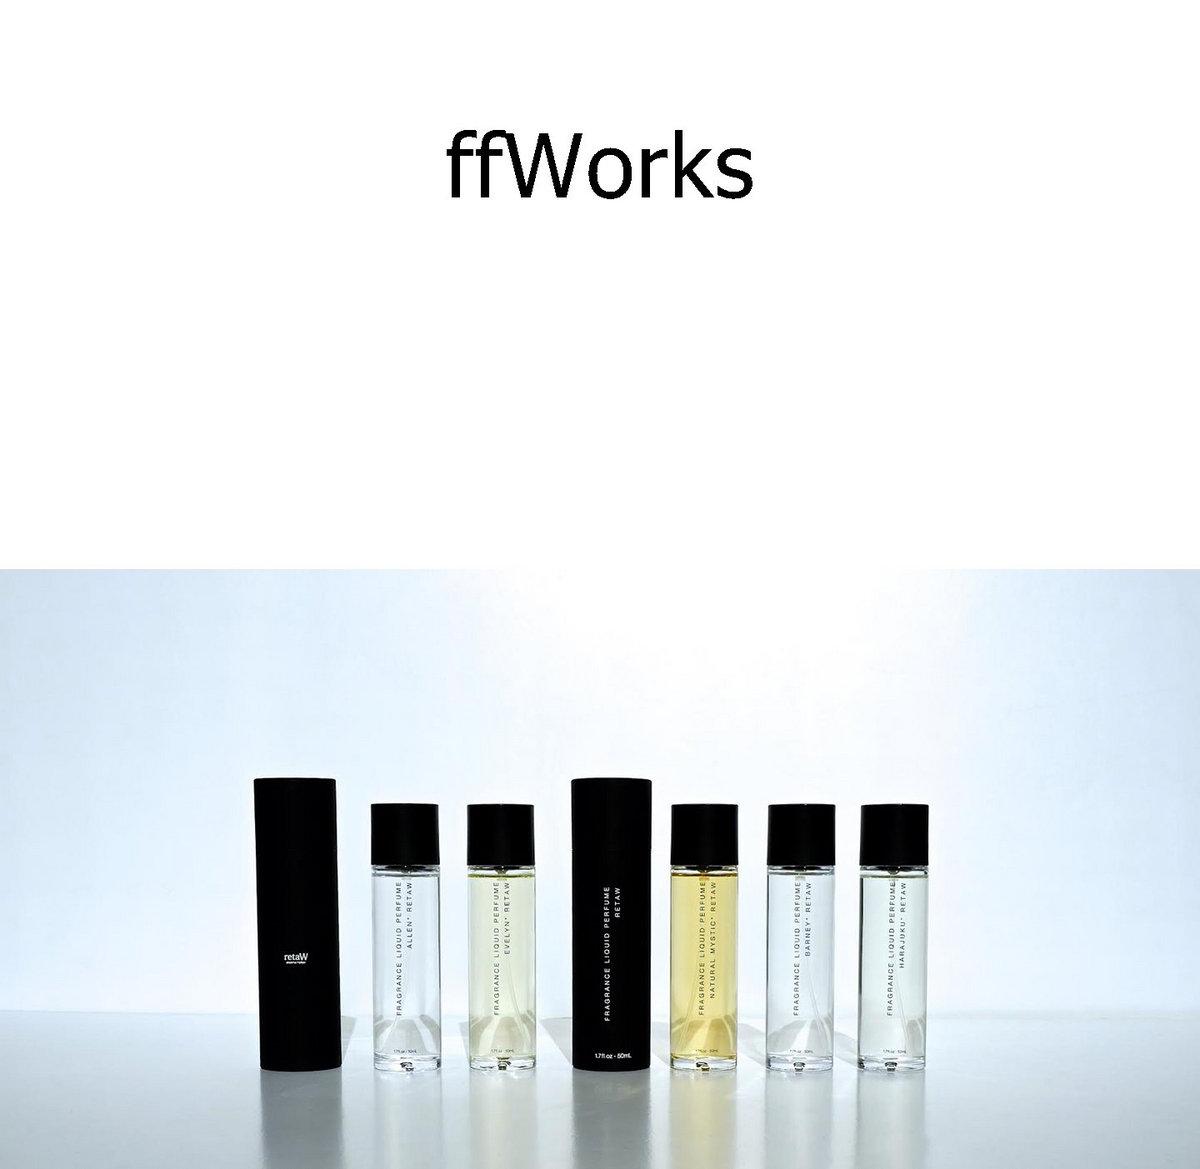 クラックに ffWorks 1 2 6 を入手 登録なし | specoplecethe